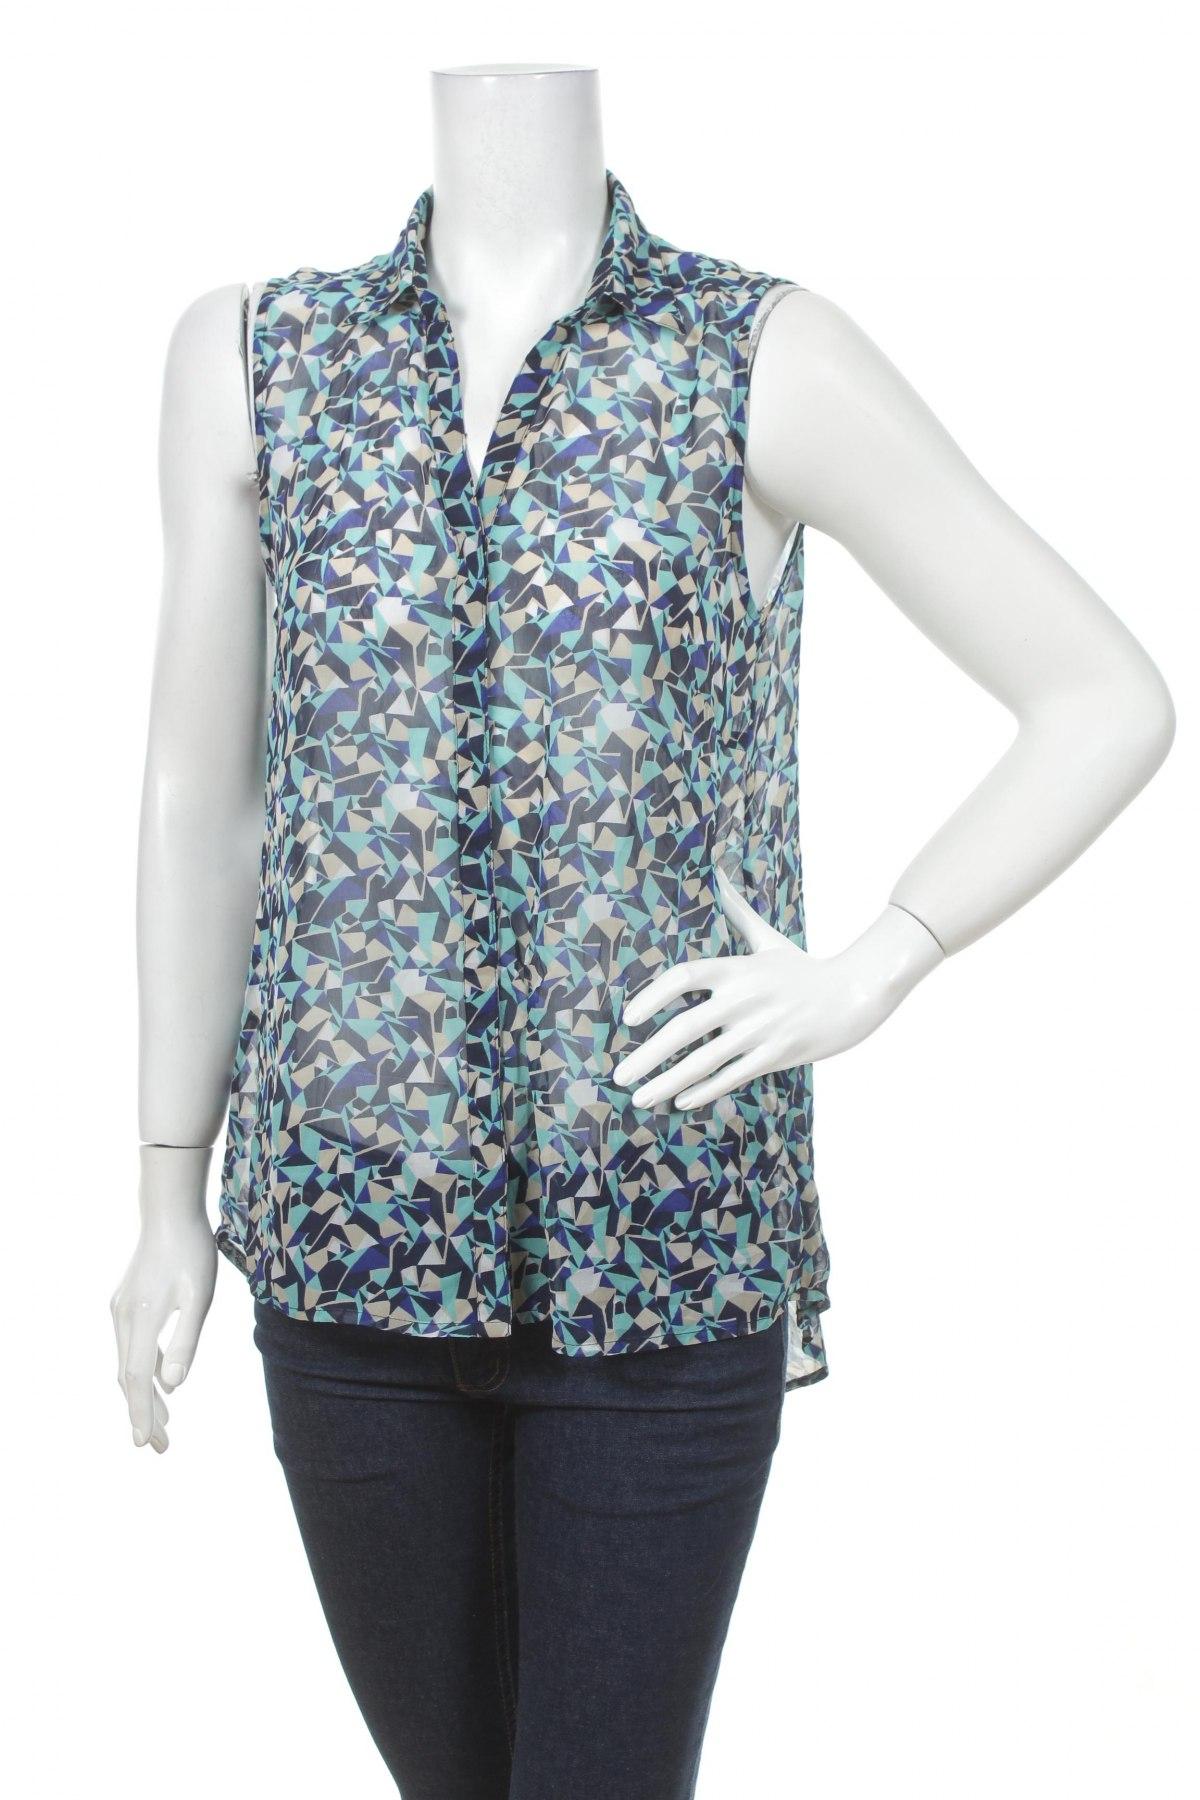 Γυναικείο πουκάμισο Designer S, Μέγεθος M, Χρώμα Πολύχρωμο, Πολυεστέρας, Τιμή 11,13€